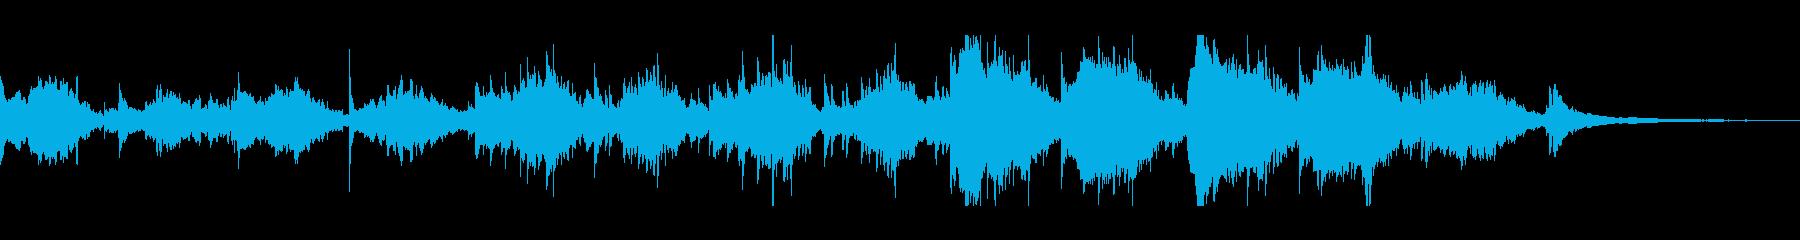 神秘的なリラクゼーションミュージックの再生済みの波形